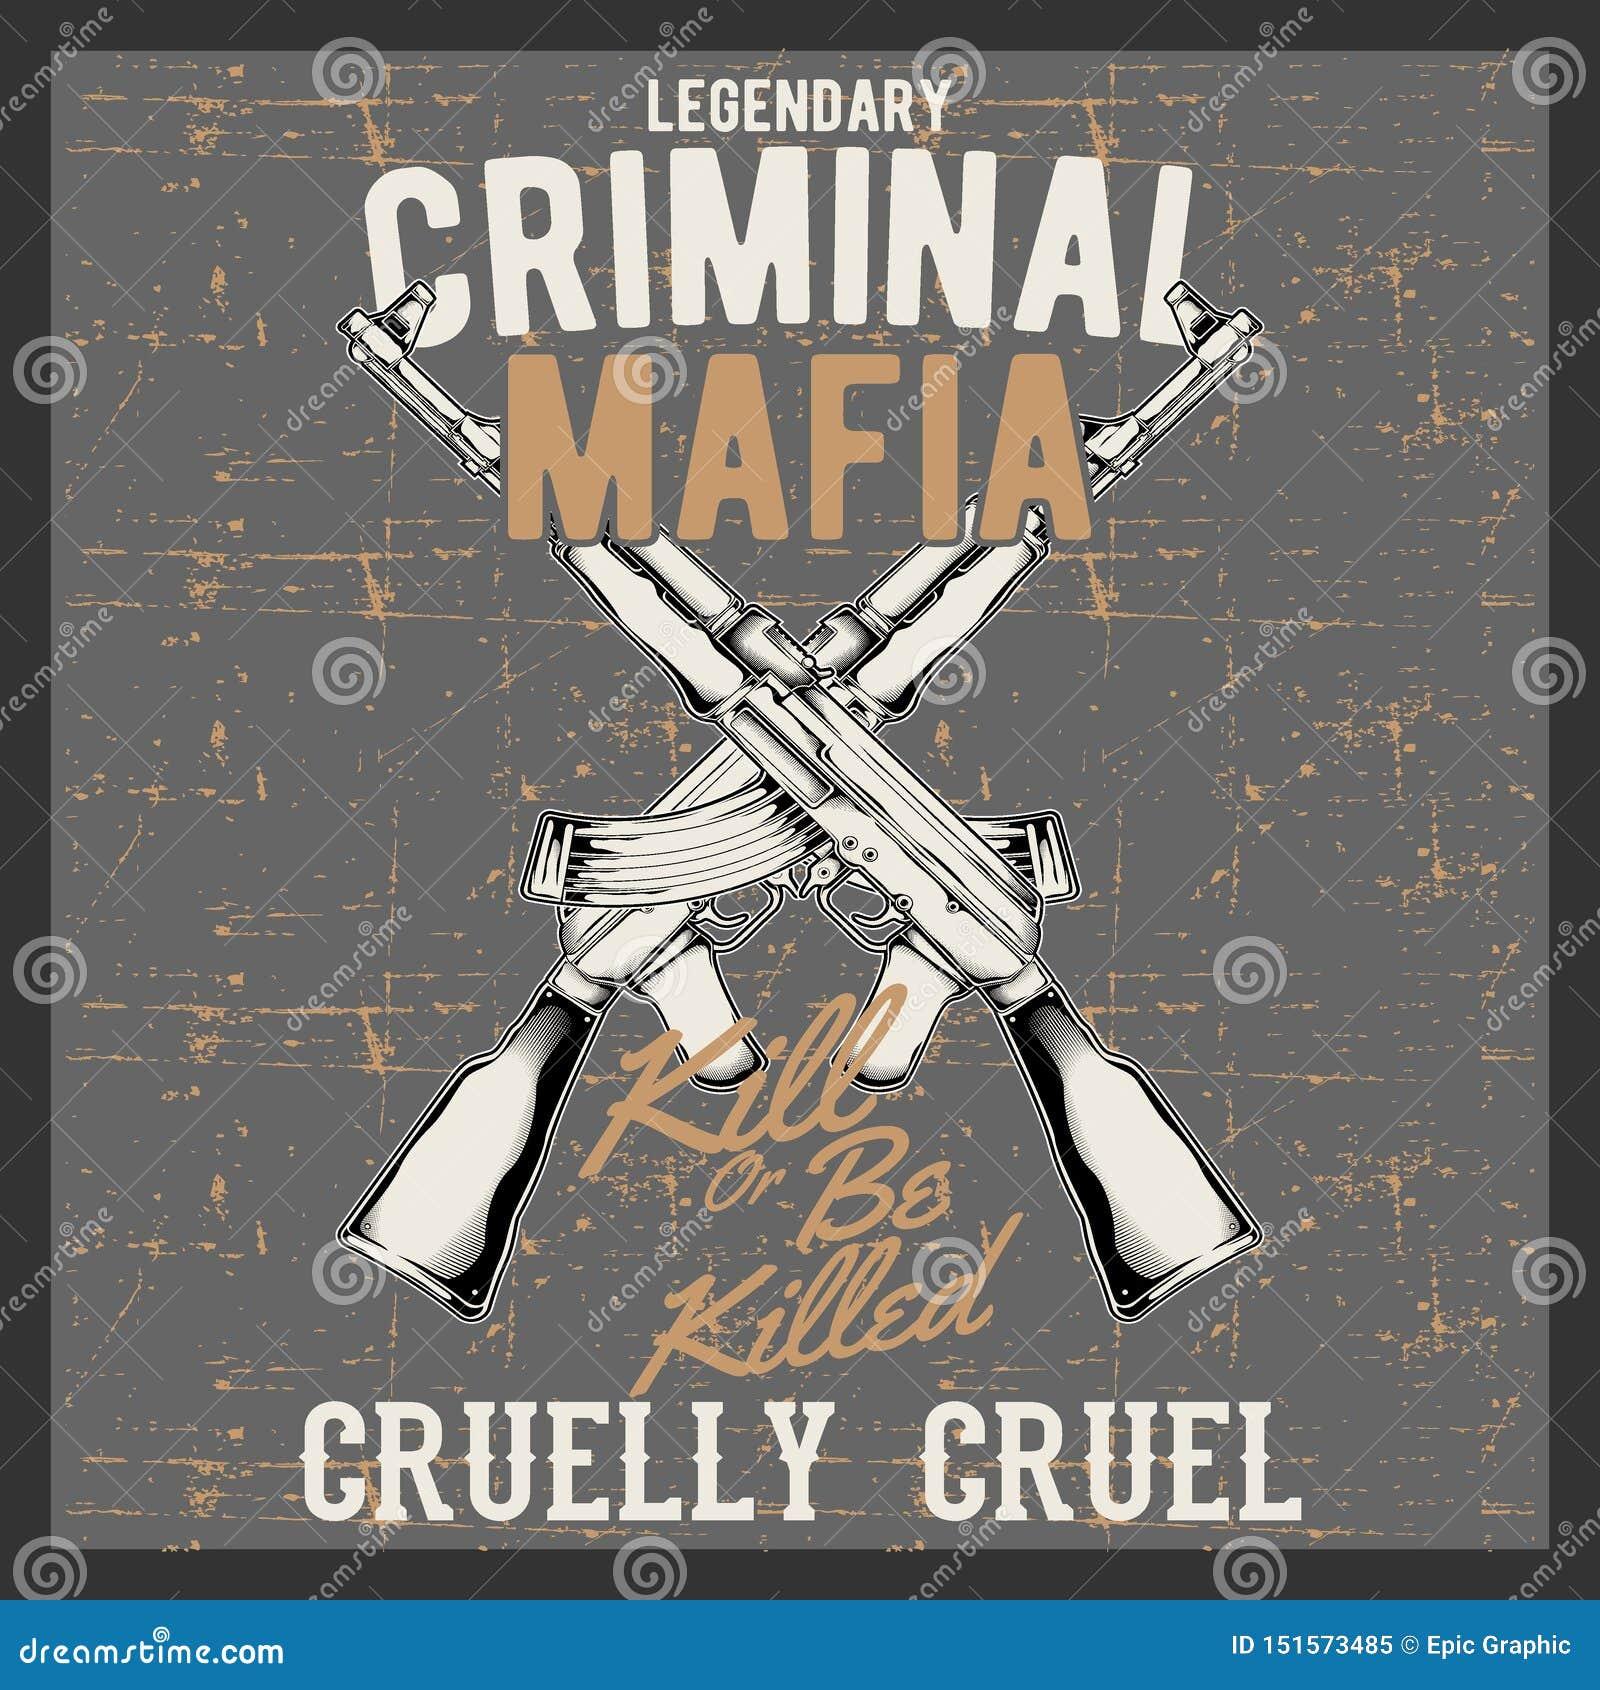 Mafia criminal del logotipo del vintage del estilo del Grunge con los armas automáticos,